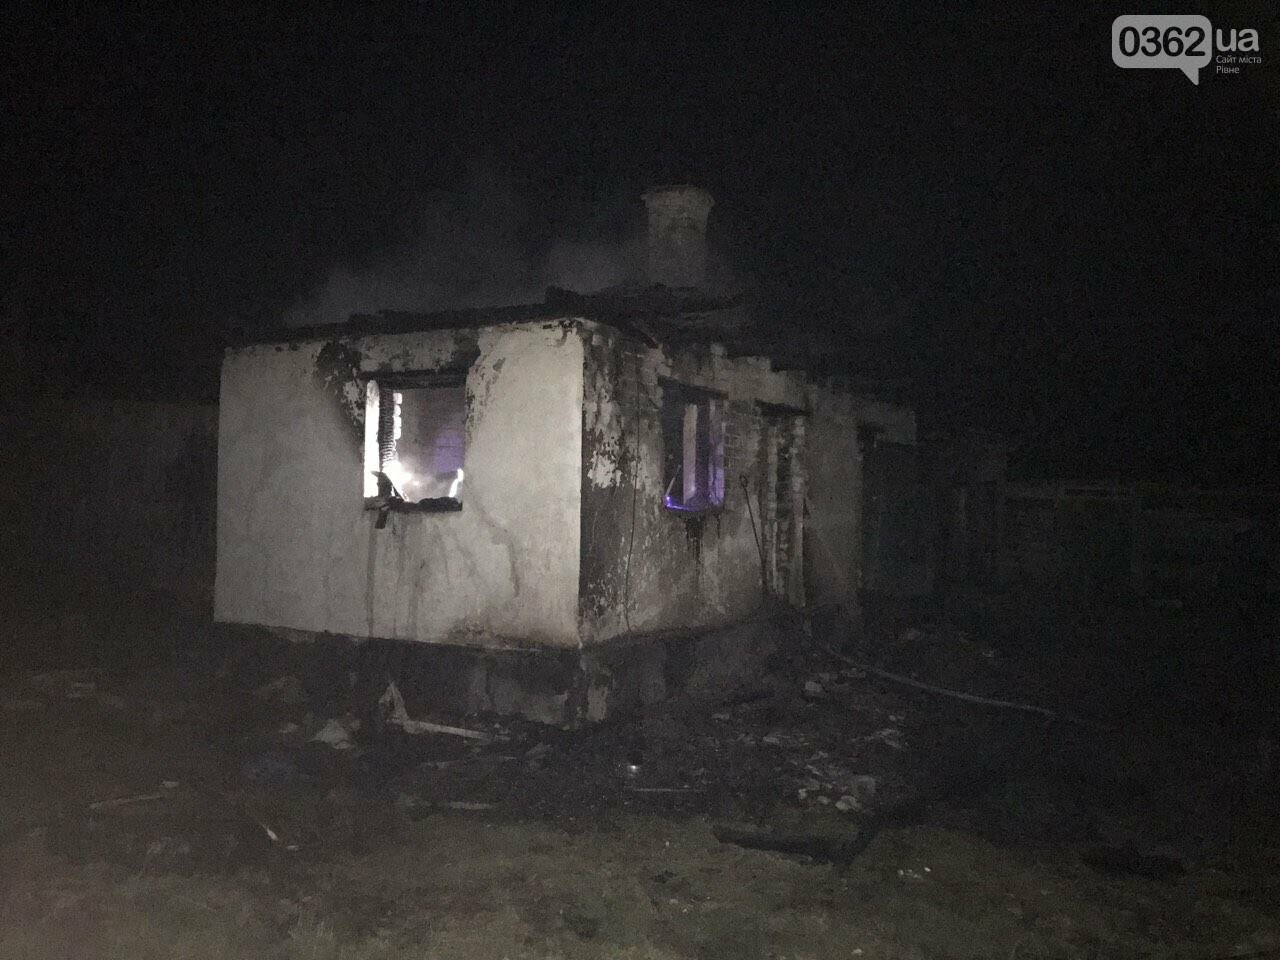 На Рівненщині в згорілому до тла приватному будинку знайшли тіло (ФОТО), фото-1